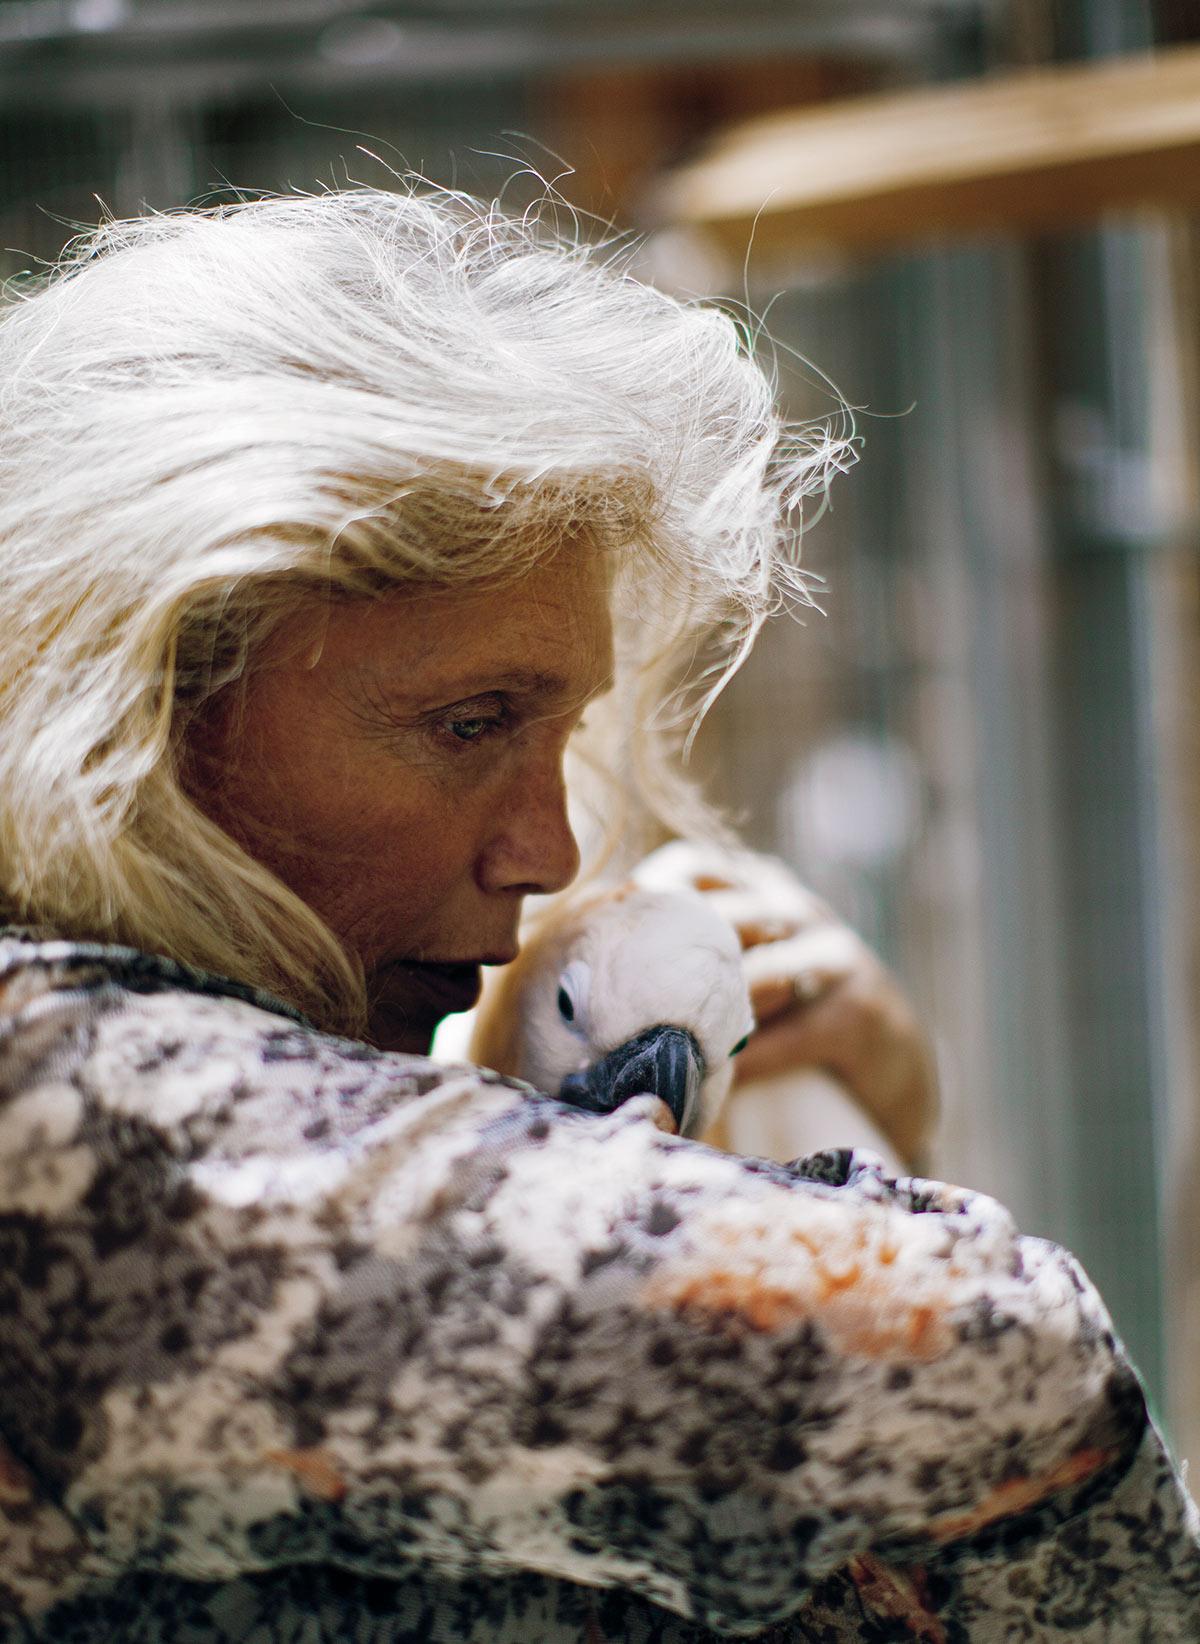 """Lilly Love e a cacatua Caju: """"Aqui todas as aves são vítimas. Todas passaram por coisas que de certa forma também aconteceram com os veteranos. Isso me ajuda a lidar com meu trauma."""""""